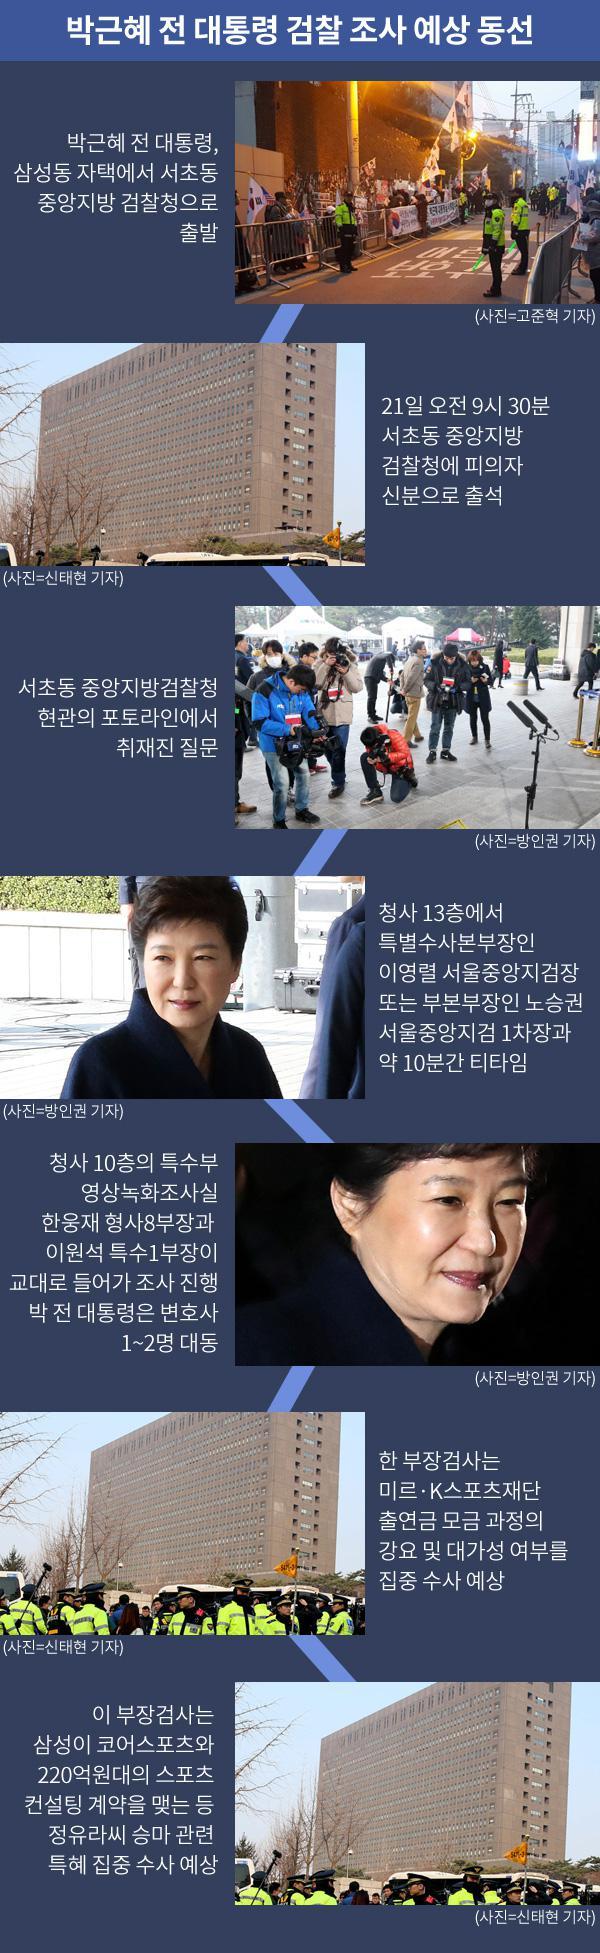 [그래픽] 박근혜 전 대통령 검찰 조사 예상 동선